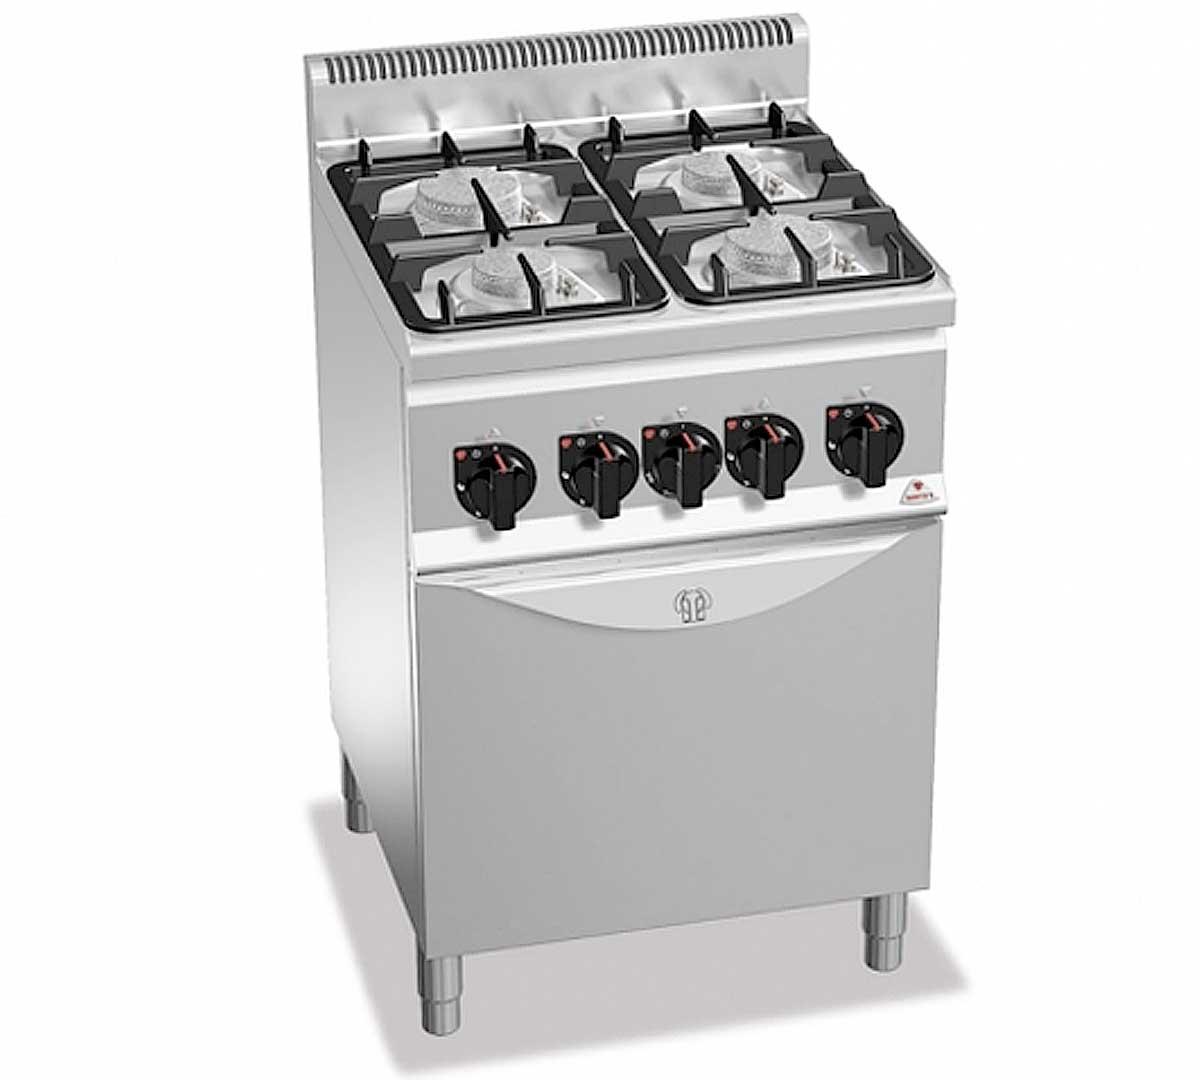 Cocina Bertos Serie 600 Horno G6f